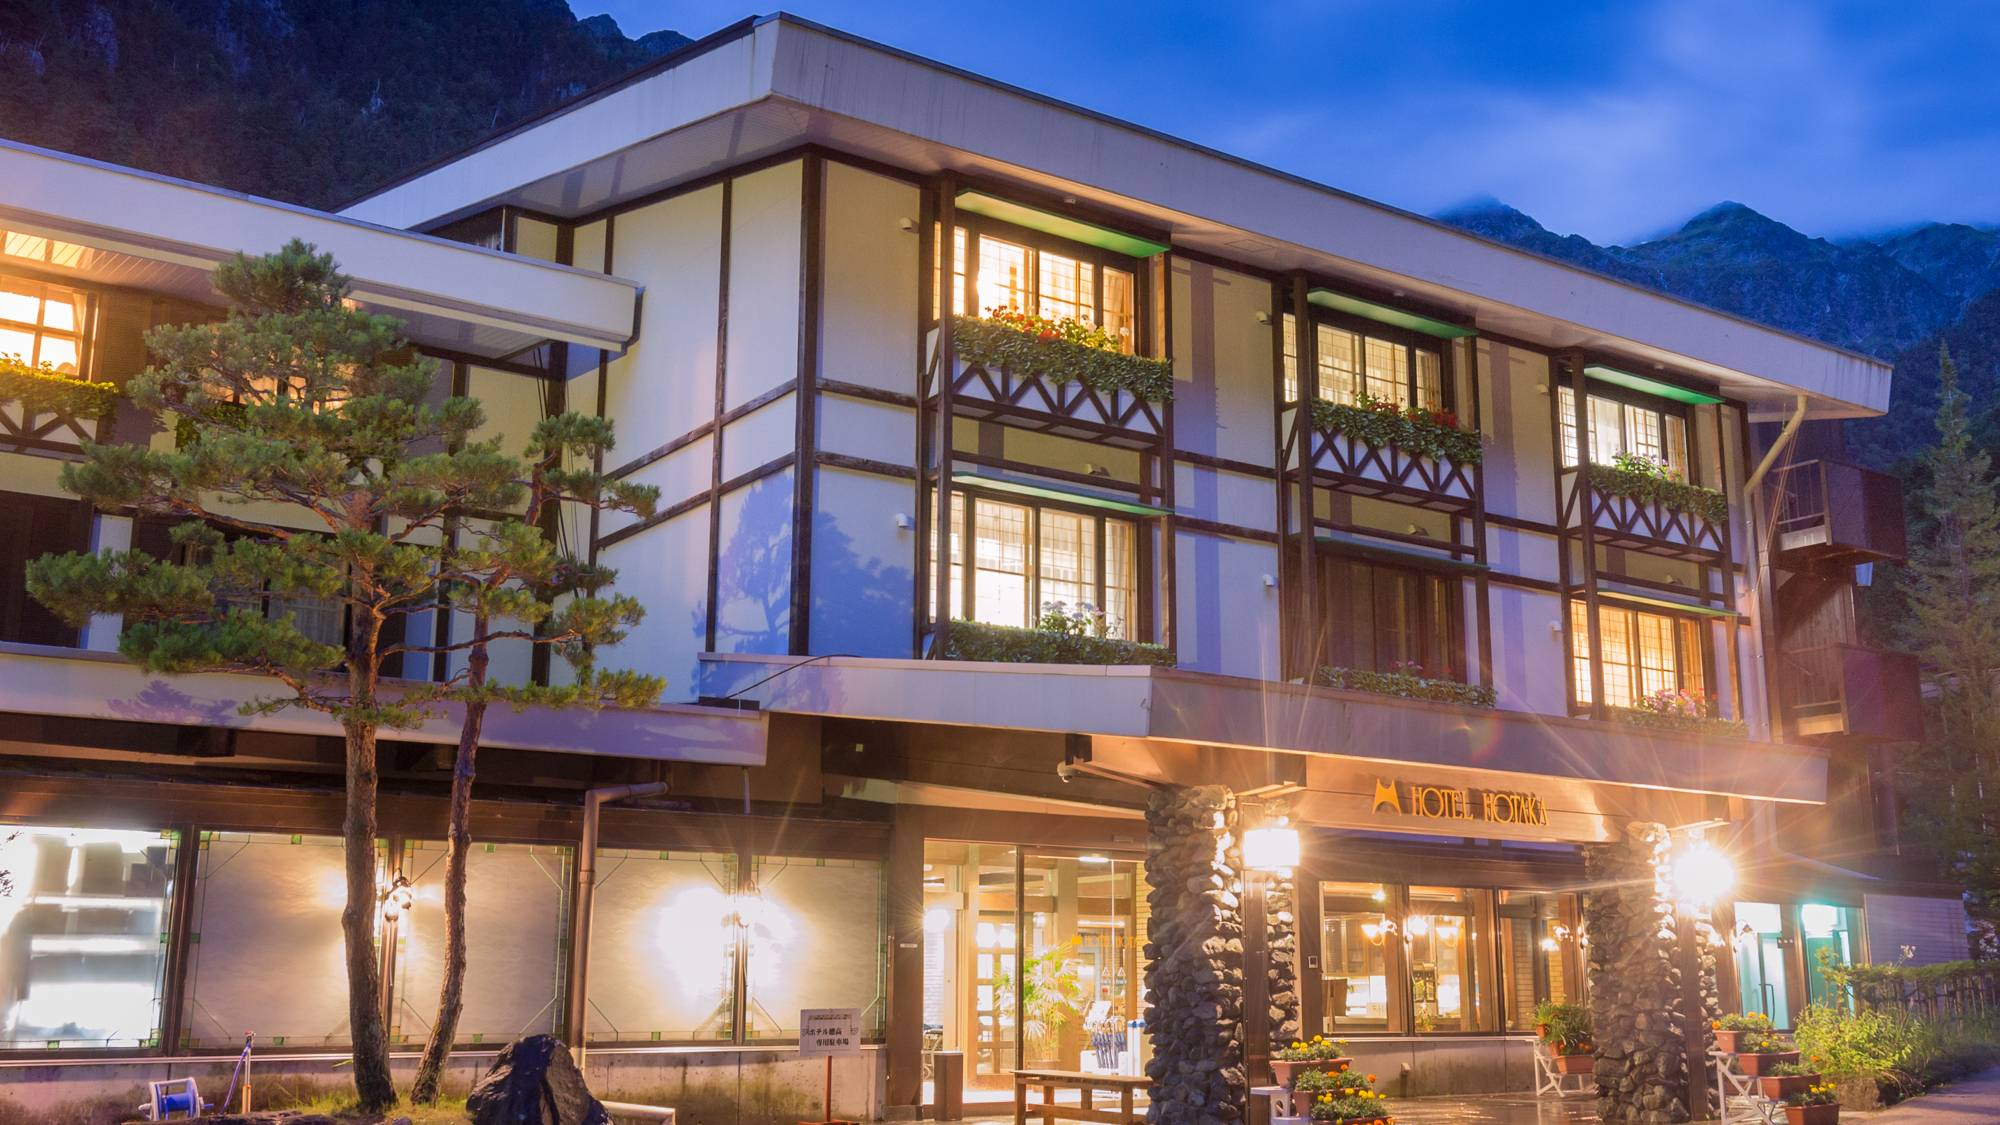 新穂高温泉で祖母が喜んでくれる絶景が見れる宿を教えてください!